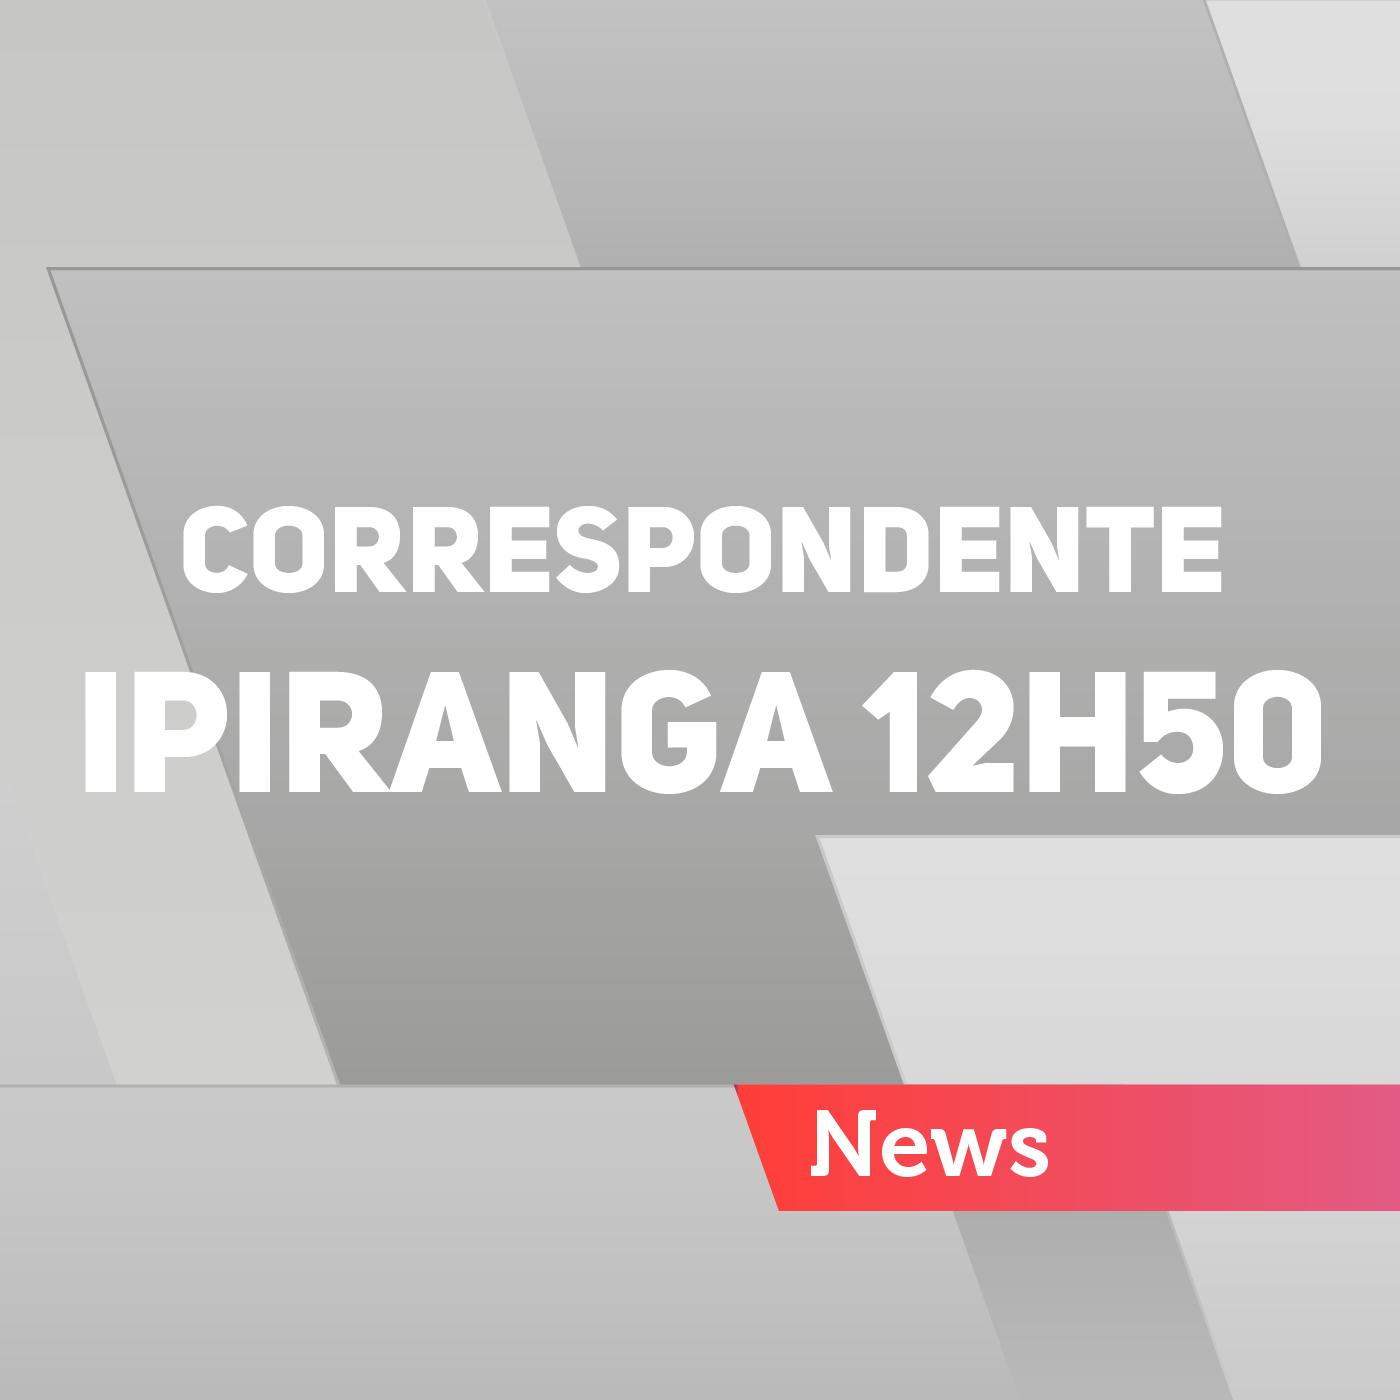 Correspondente Ipiranga 12h50 - 22/05/2017